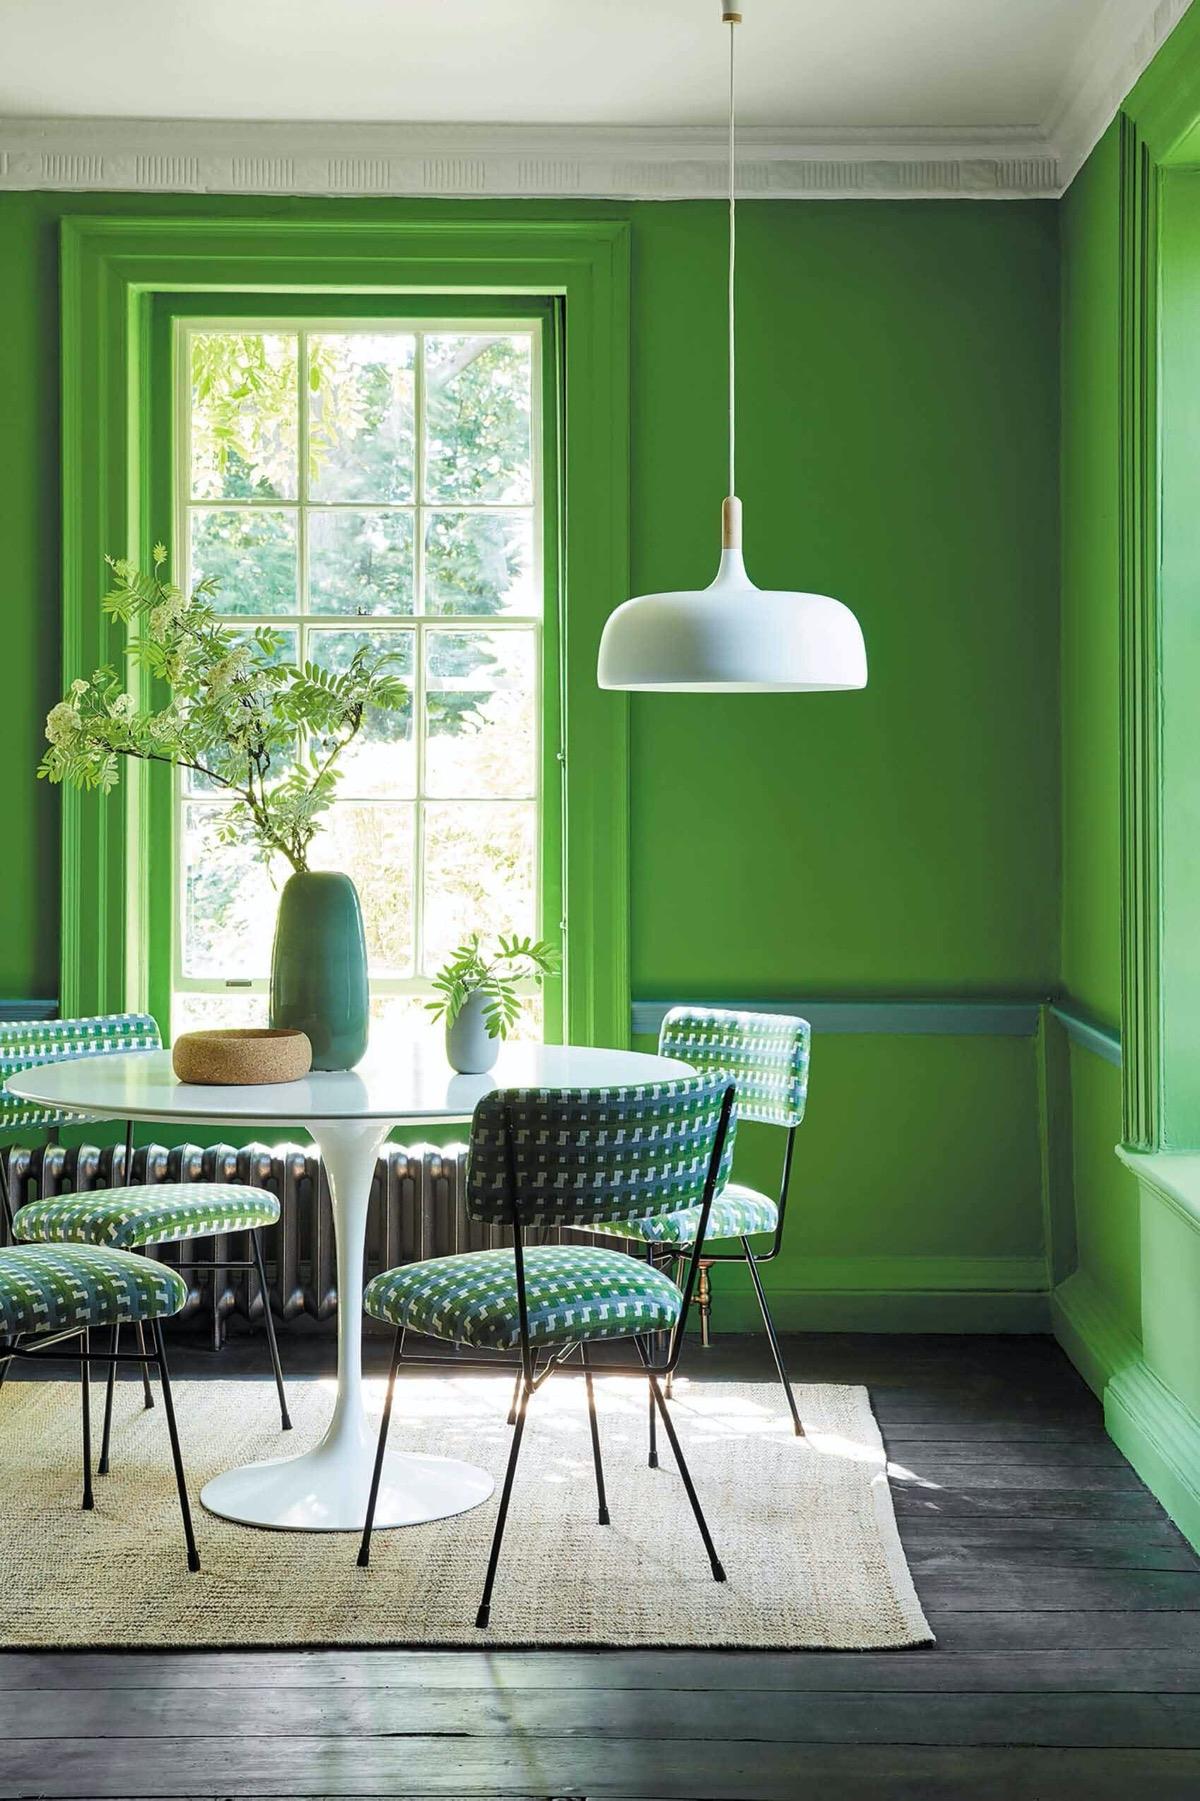 Màu xanh lá cây hoàn toàn giúp tạo nên một căn phòng đầy năng lượng, phù hợp với những gia chủ trẻ tuổi.